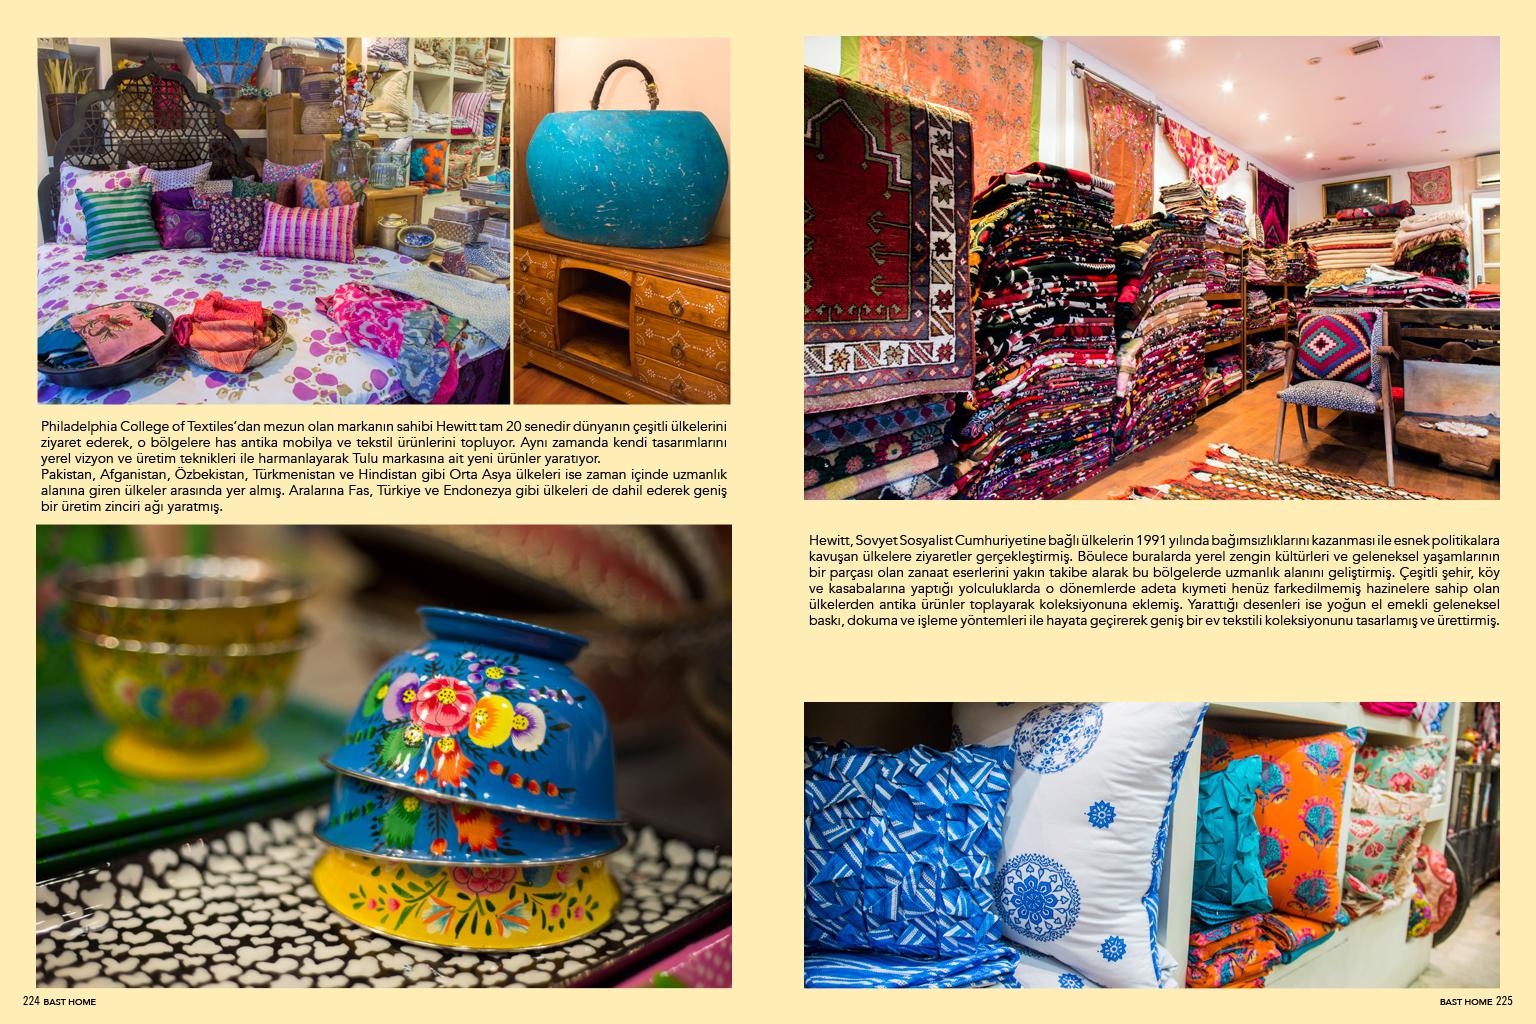 Tulu textiles store in Sultanahmet designmixer